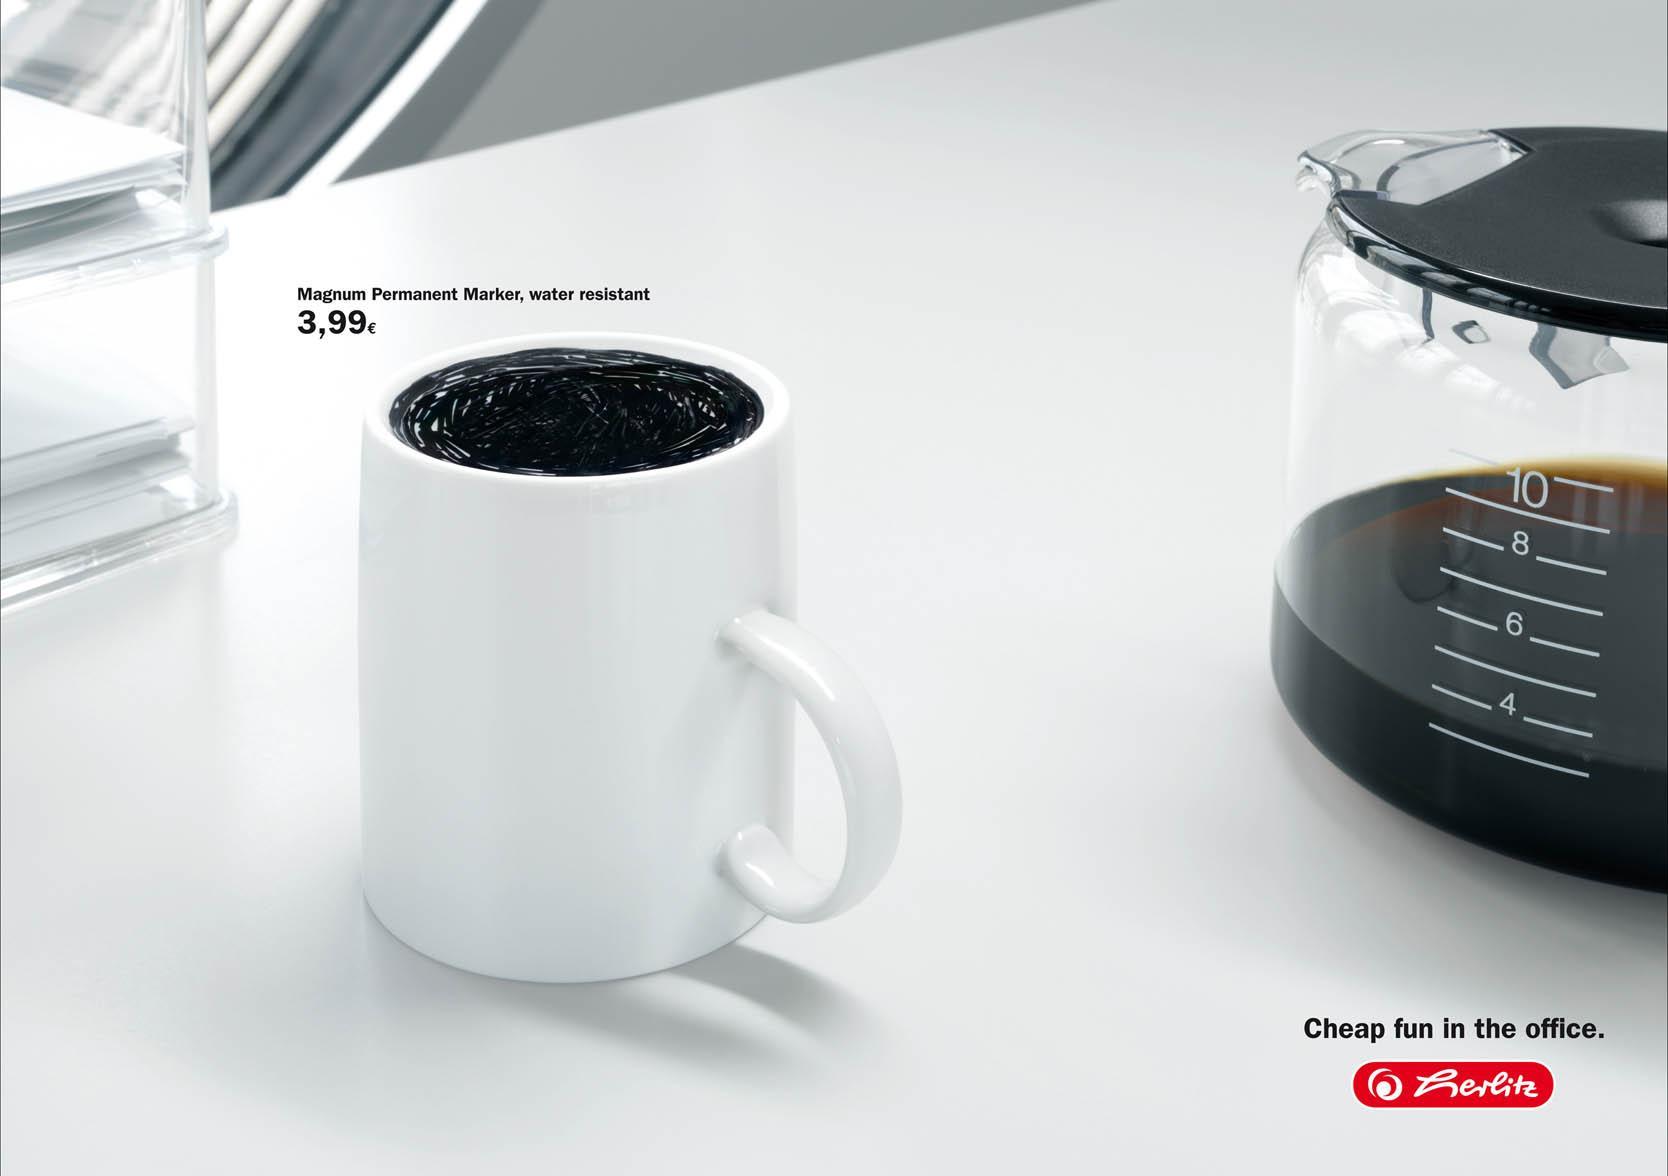 Herlitz Print Ad -  Cheap Fun, 3